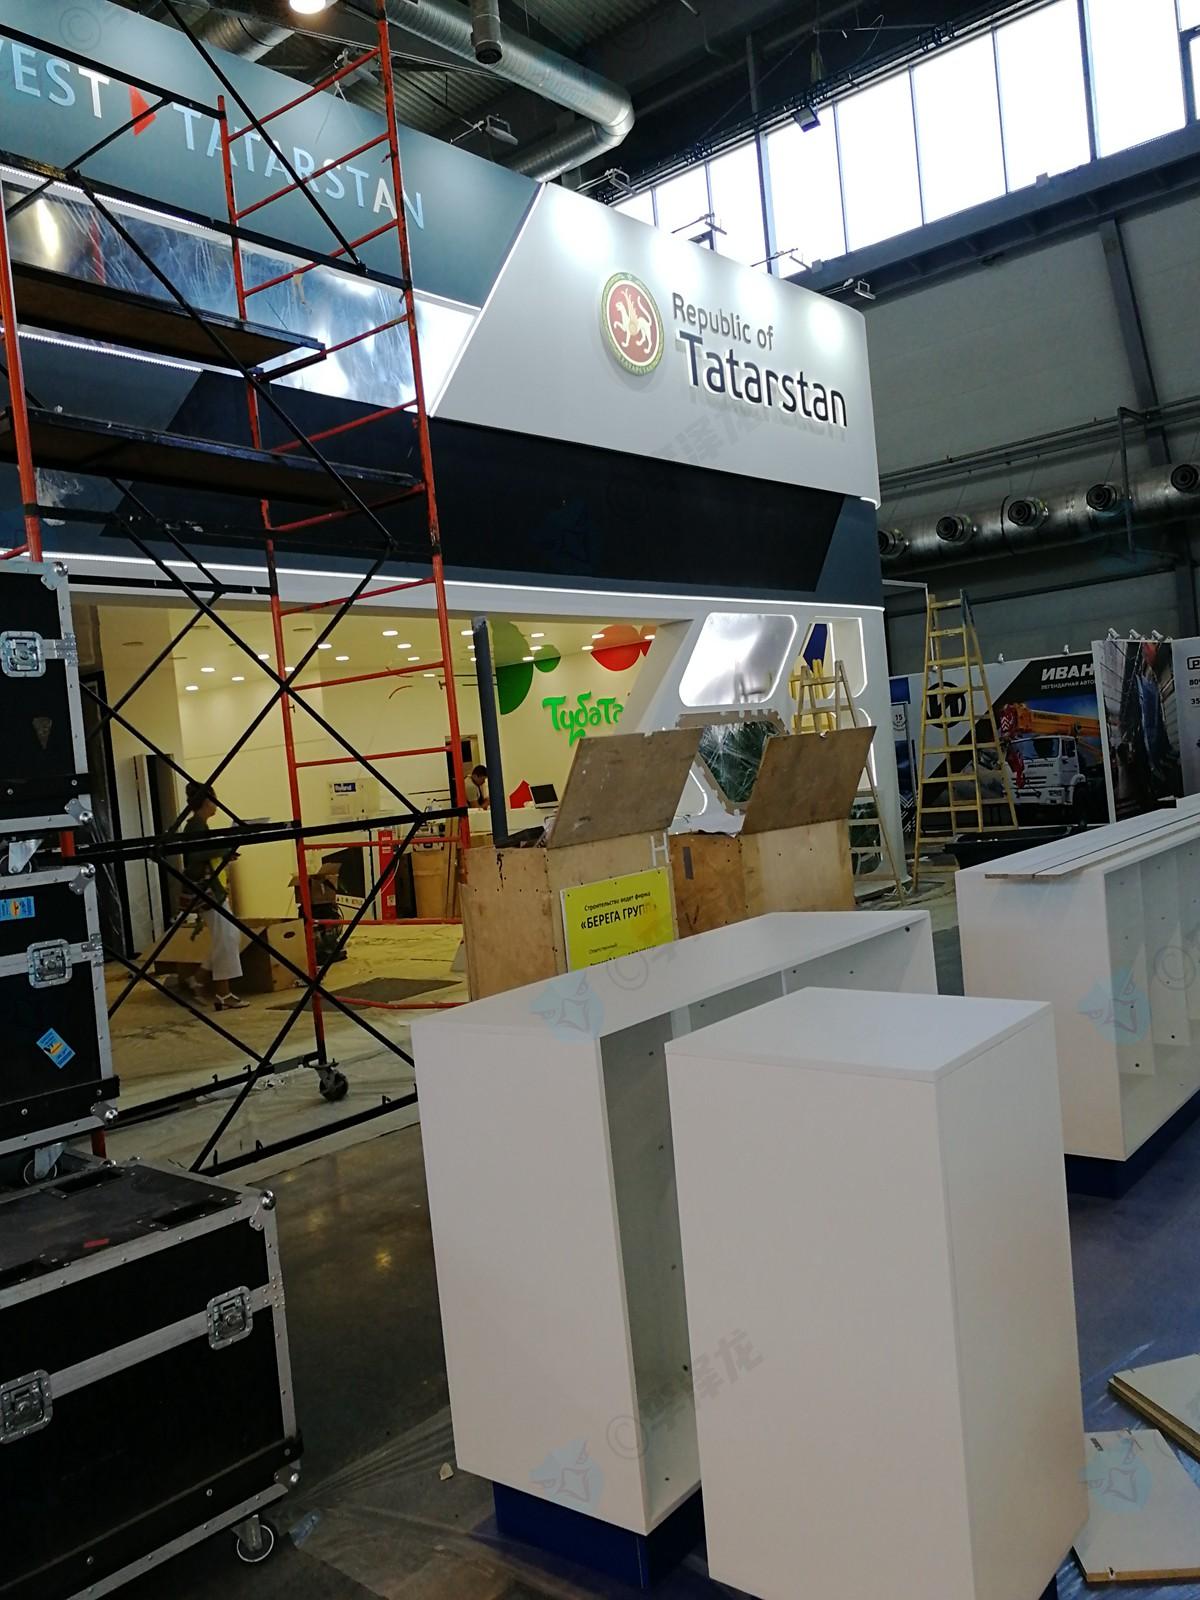 参加俄罗斯工业博览会(俄罗斯创新工业展)是什么体验?插图17-小狮座俄罗斯留学